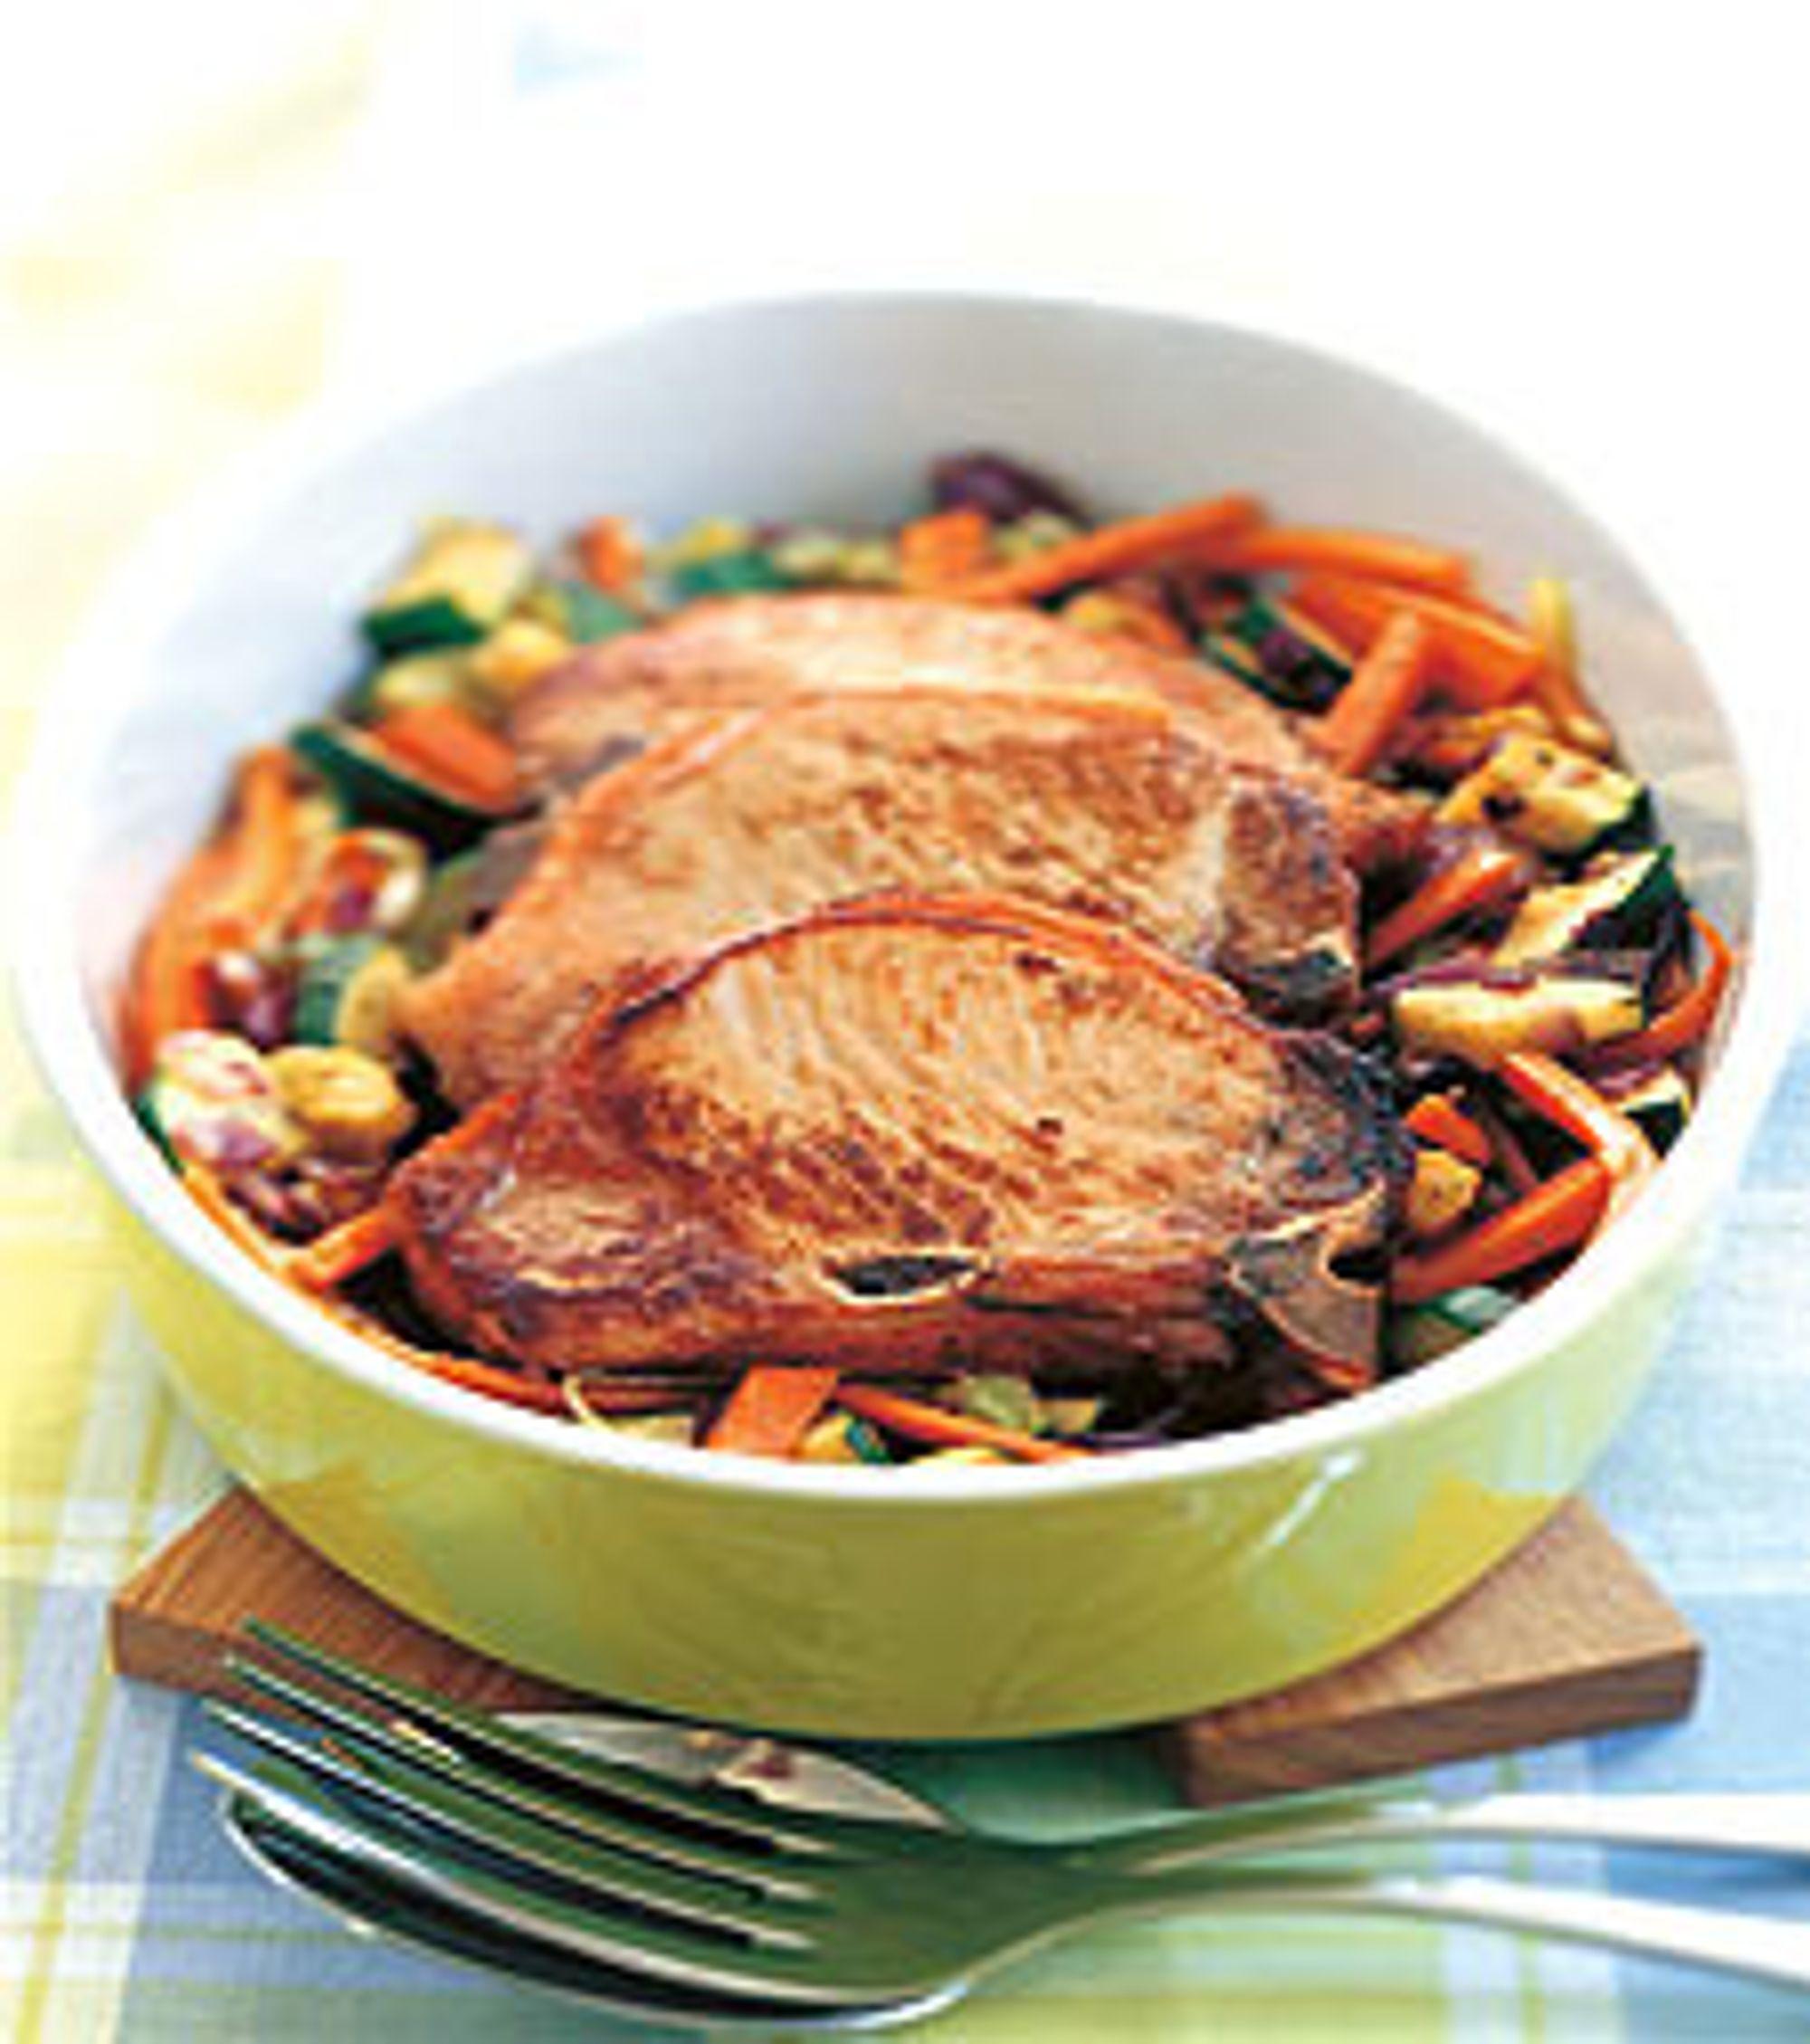 Dampe grønnsaker i ovn